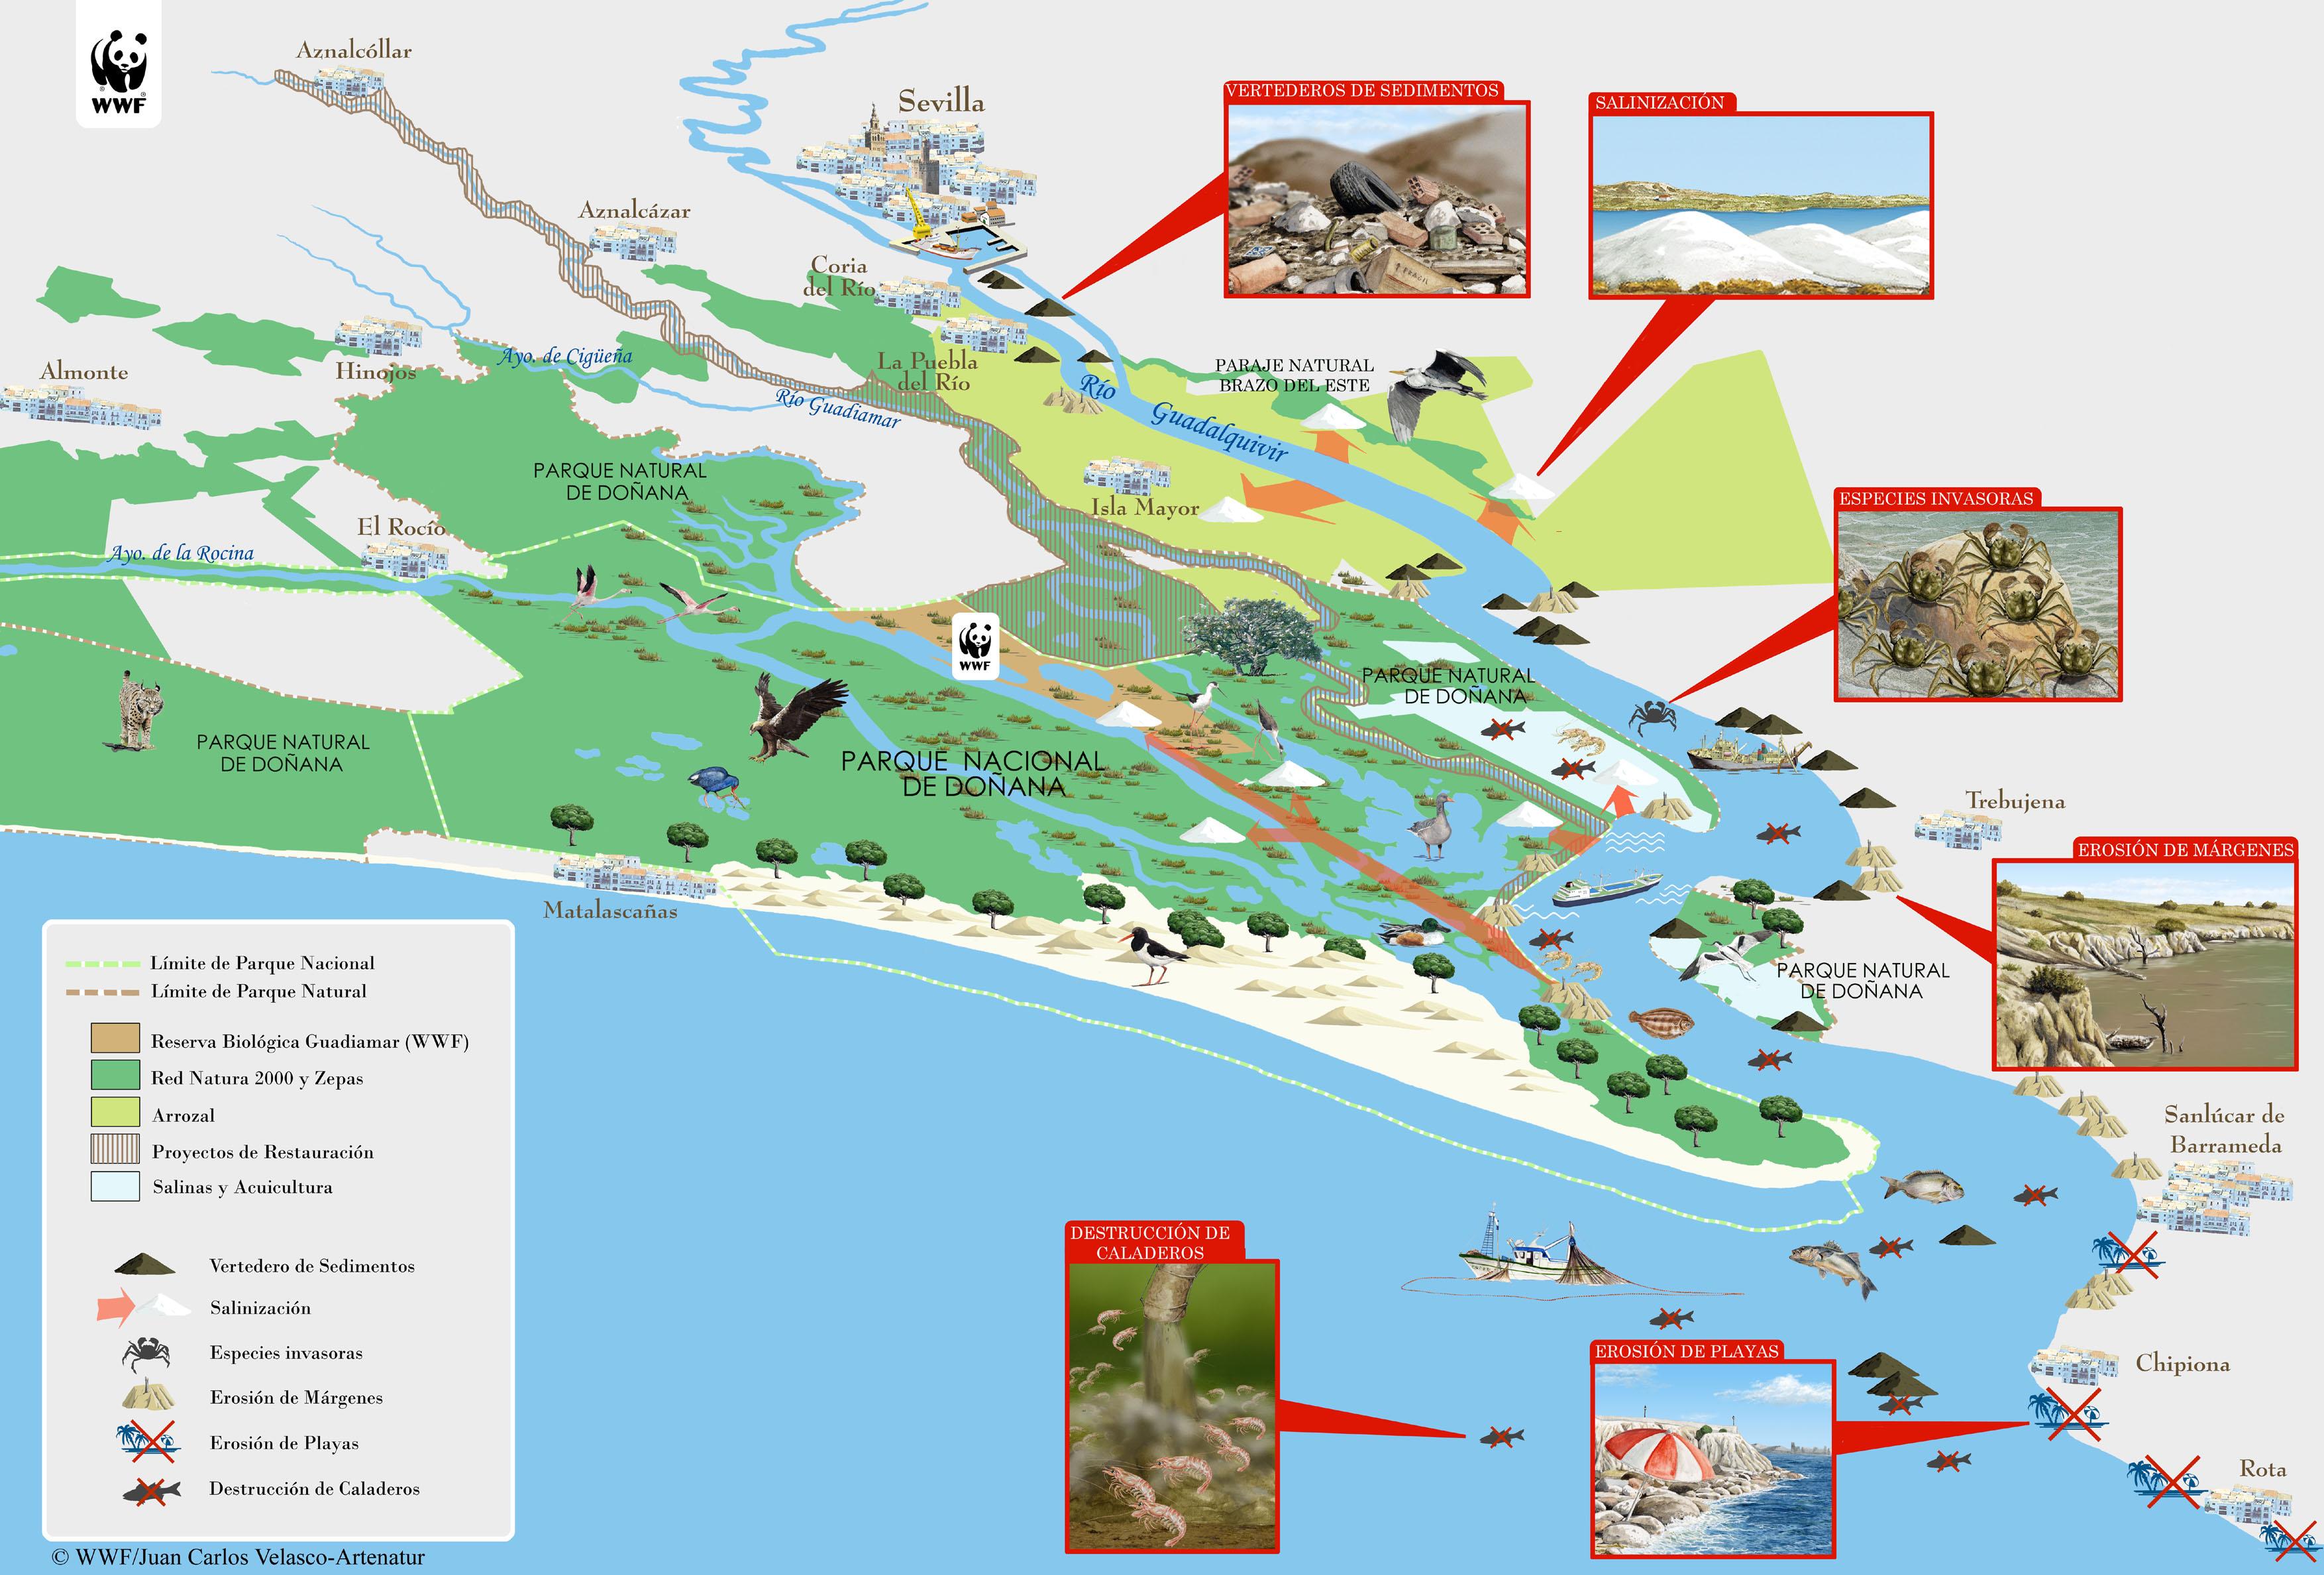 http://awsassets.wwf.es/downloads/copia_de_mapa_de_dragado_del_guadalquivir.jpg